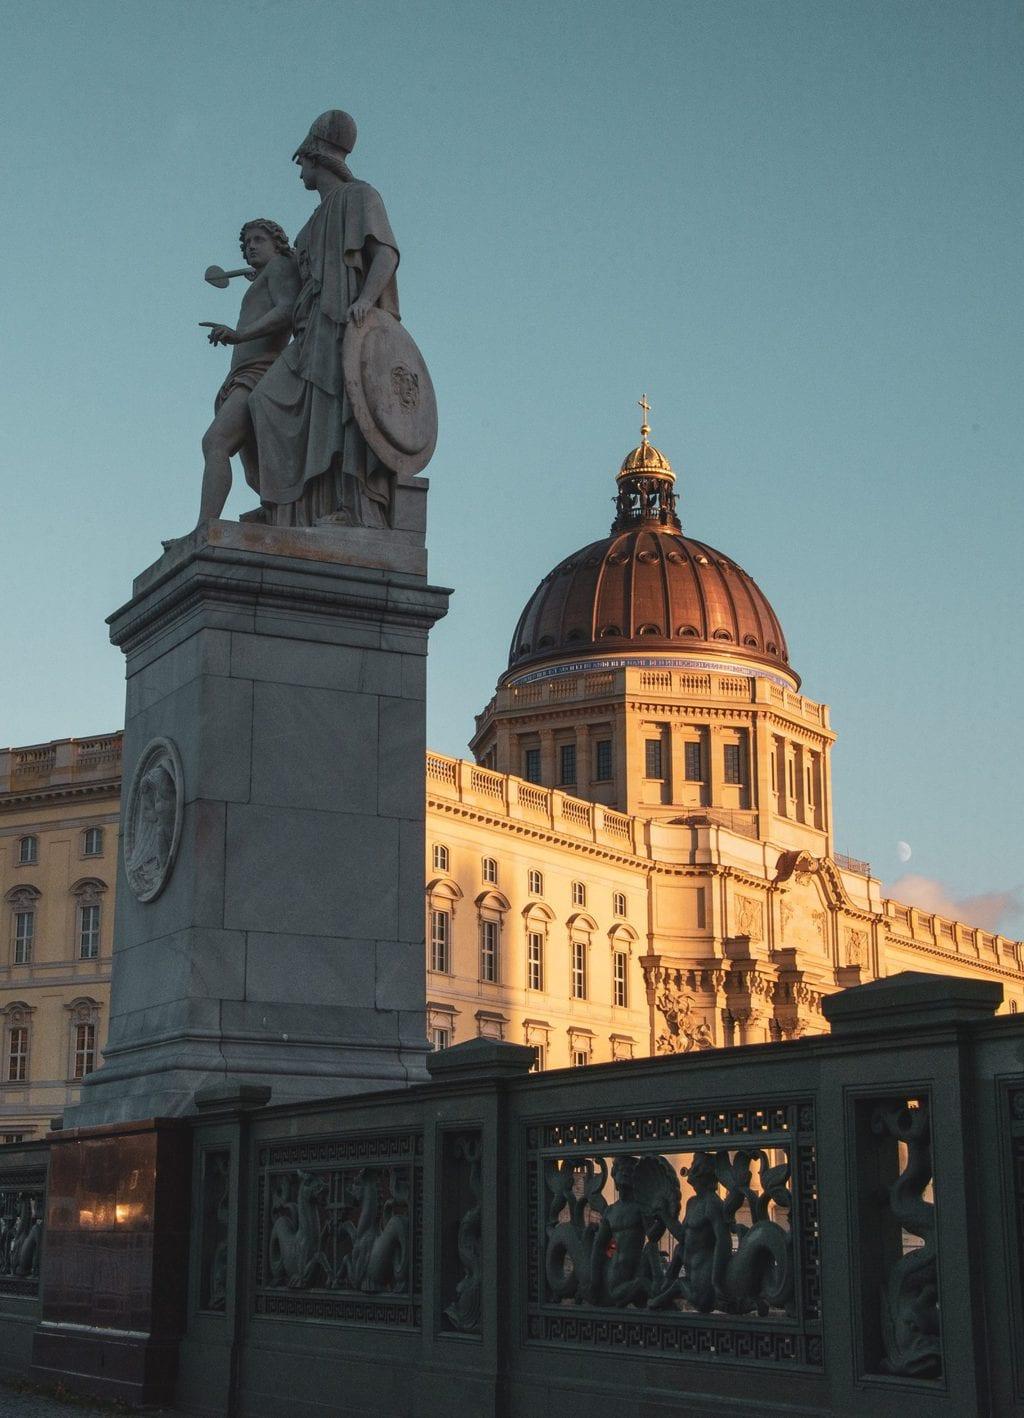 Het nieuwe Stadtschloss van Berlijn of terwijl het Humboldt forum